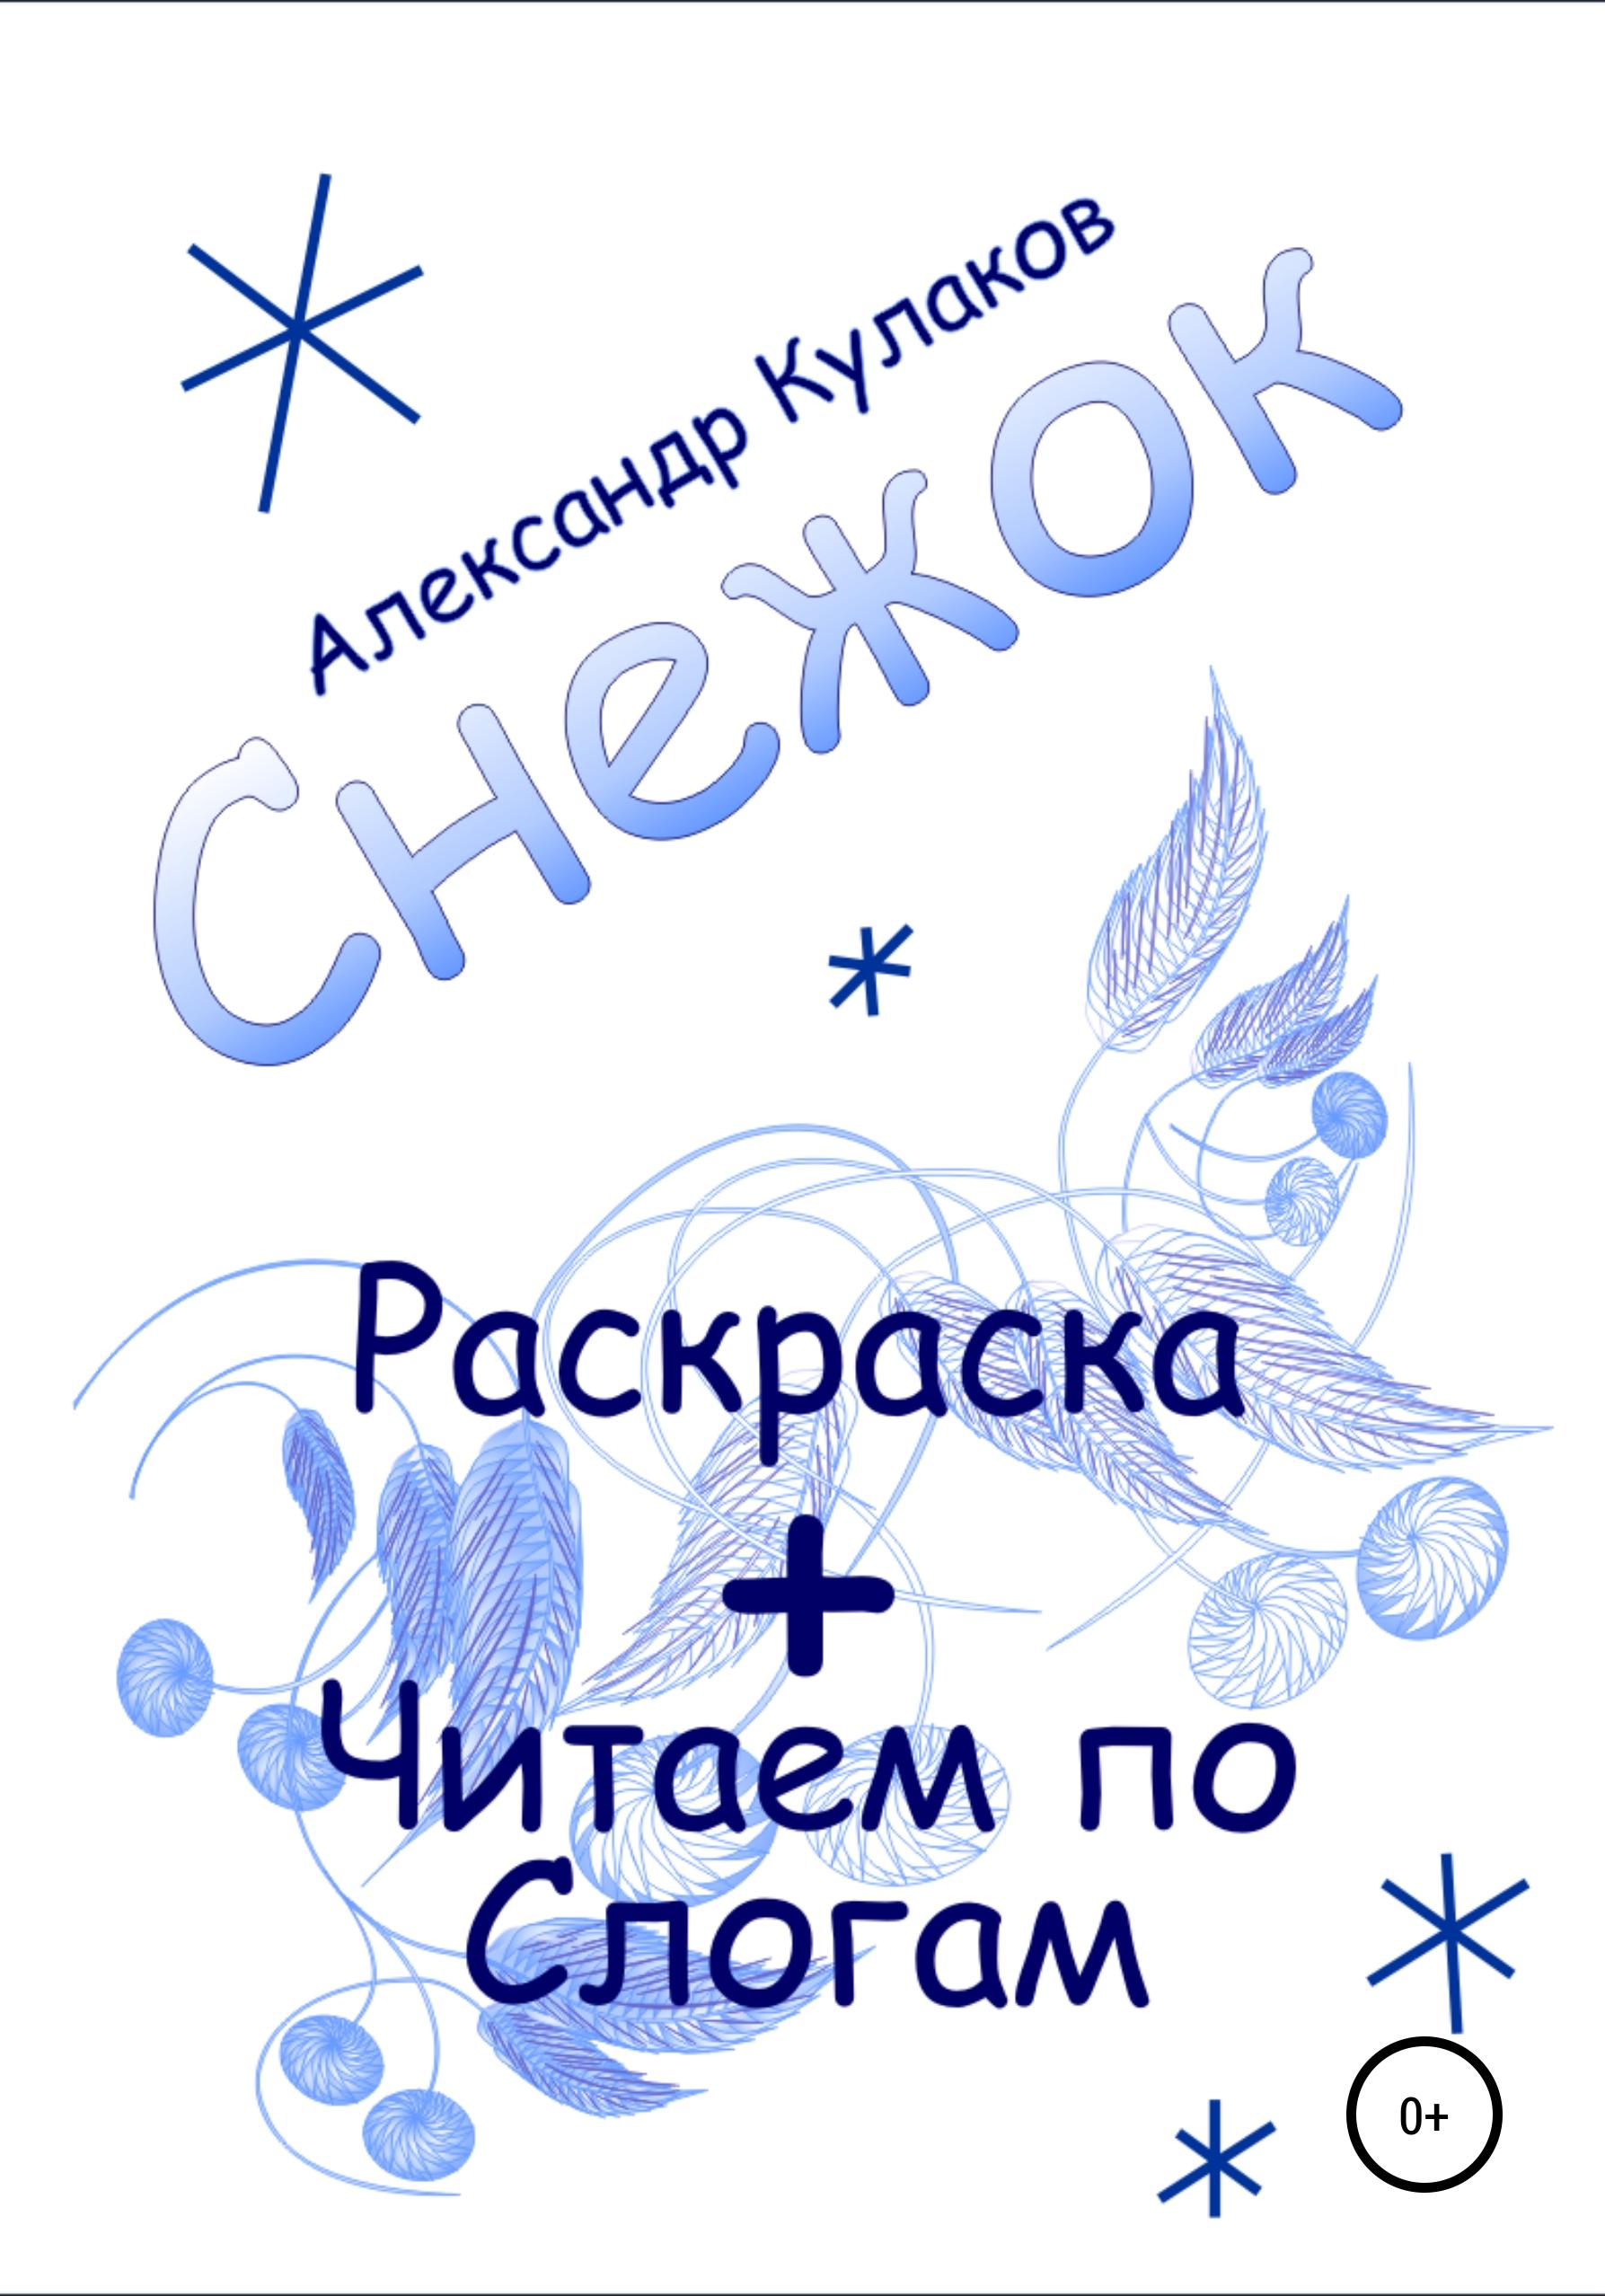 Александр Кулаков - Снежок